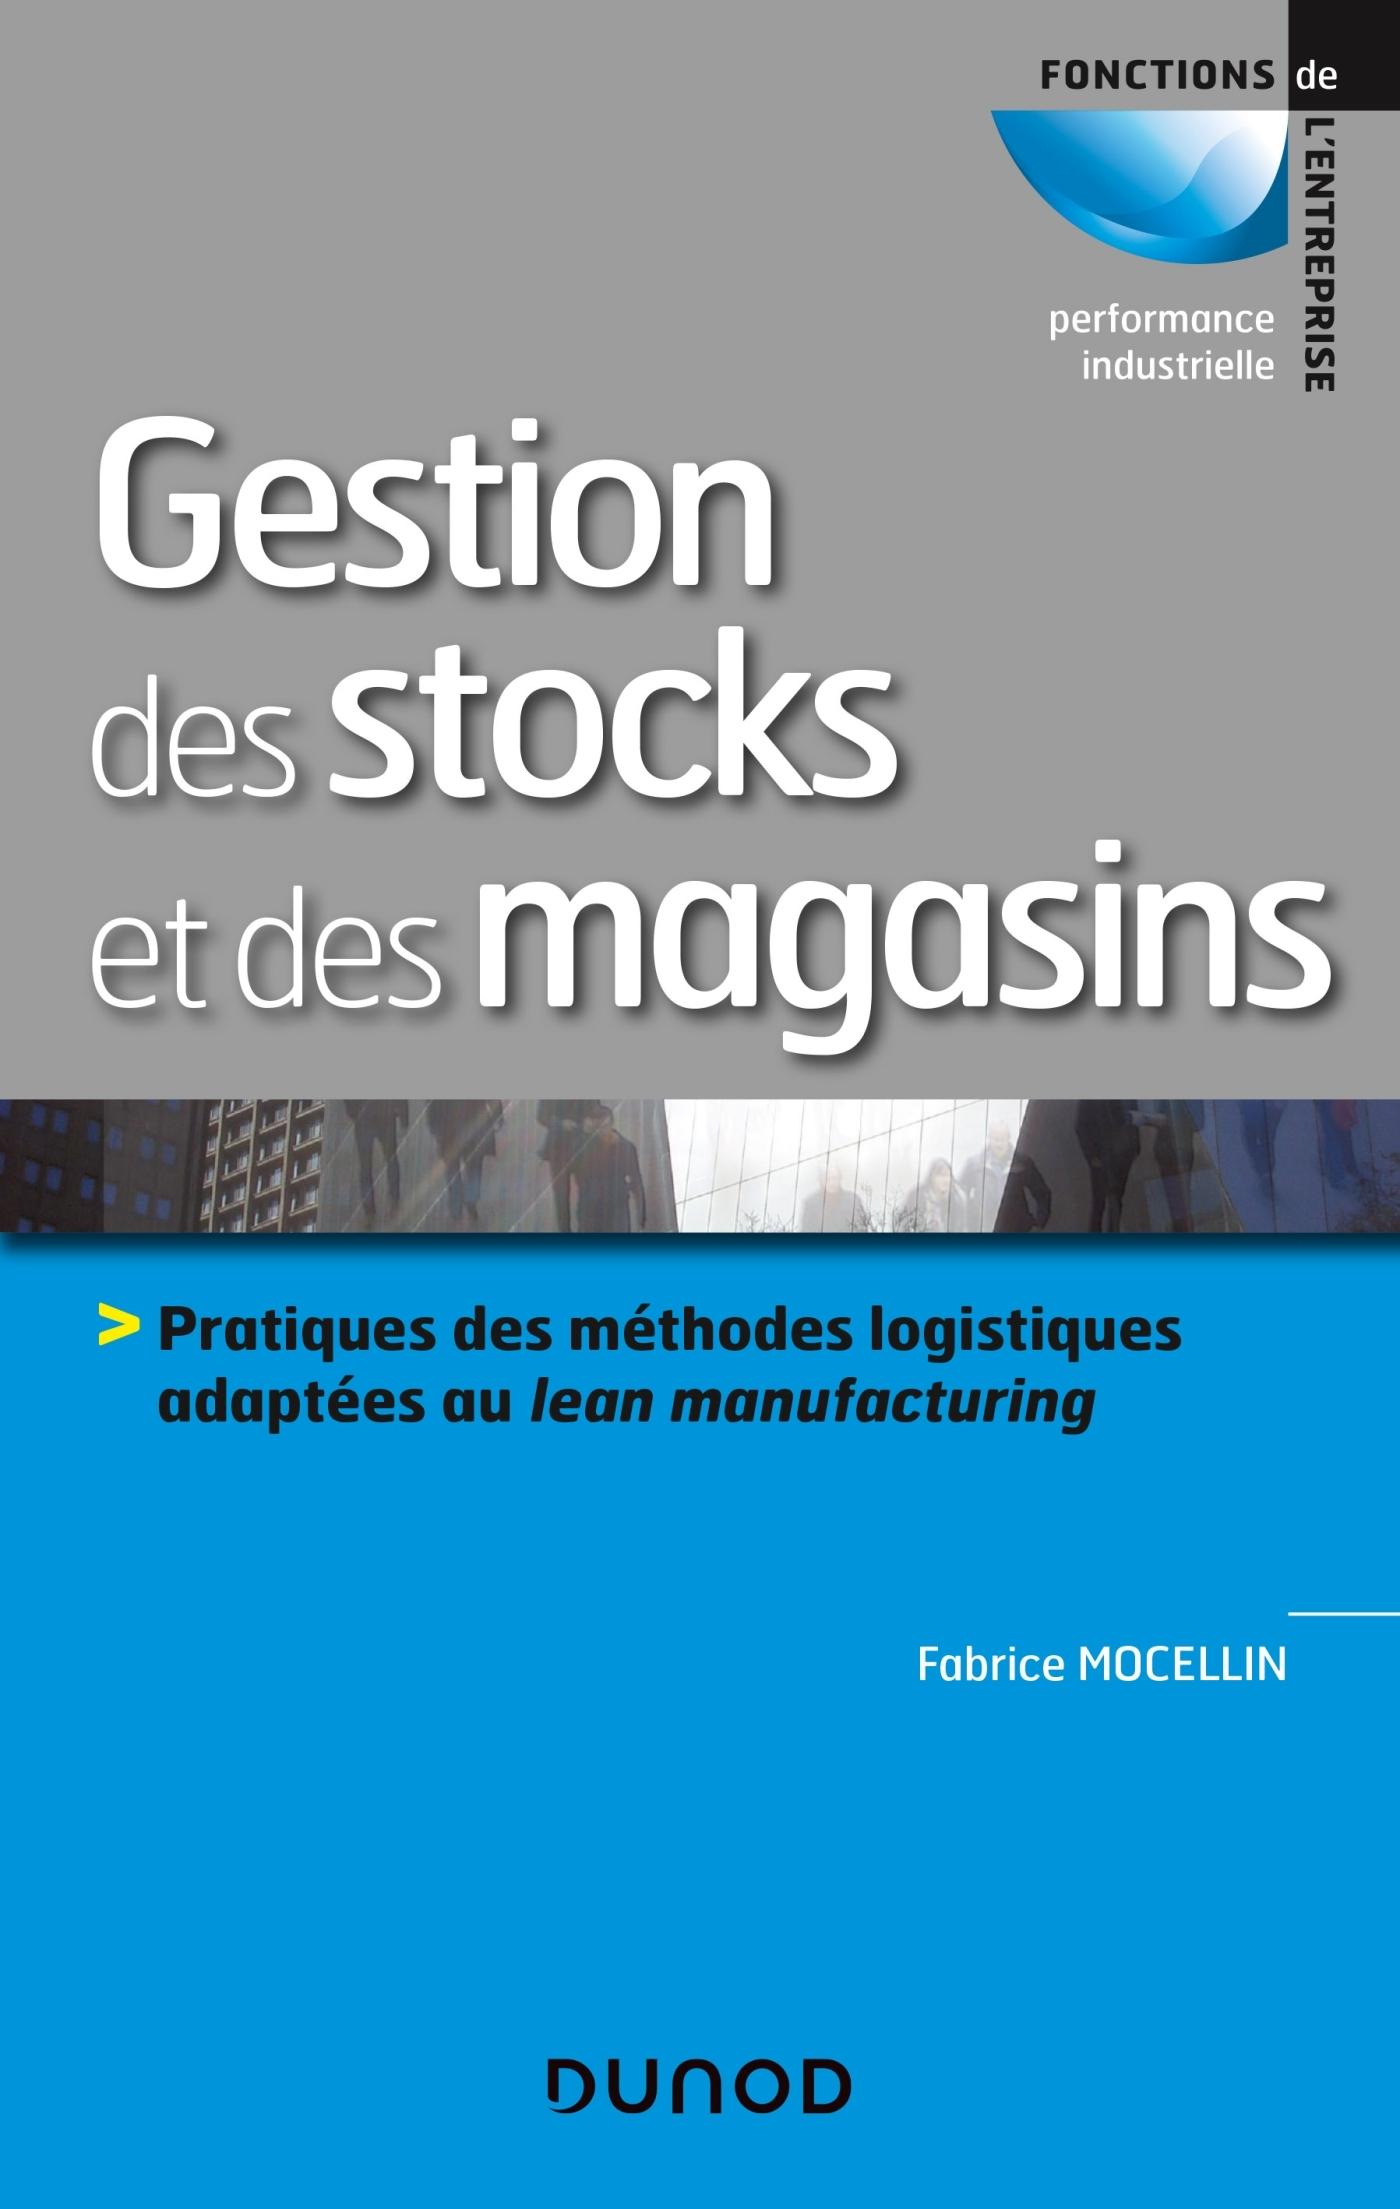 GESTION DES STOCKS ET DES MAGASINS - PRATIQUES DES METHODES LOGISTIQUES ADAPTEES AU LEAN MANUFACTURI